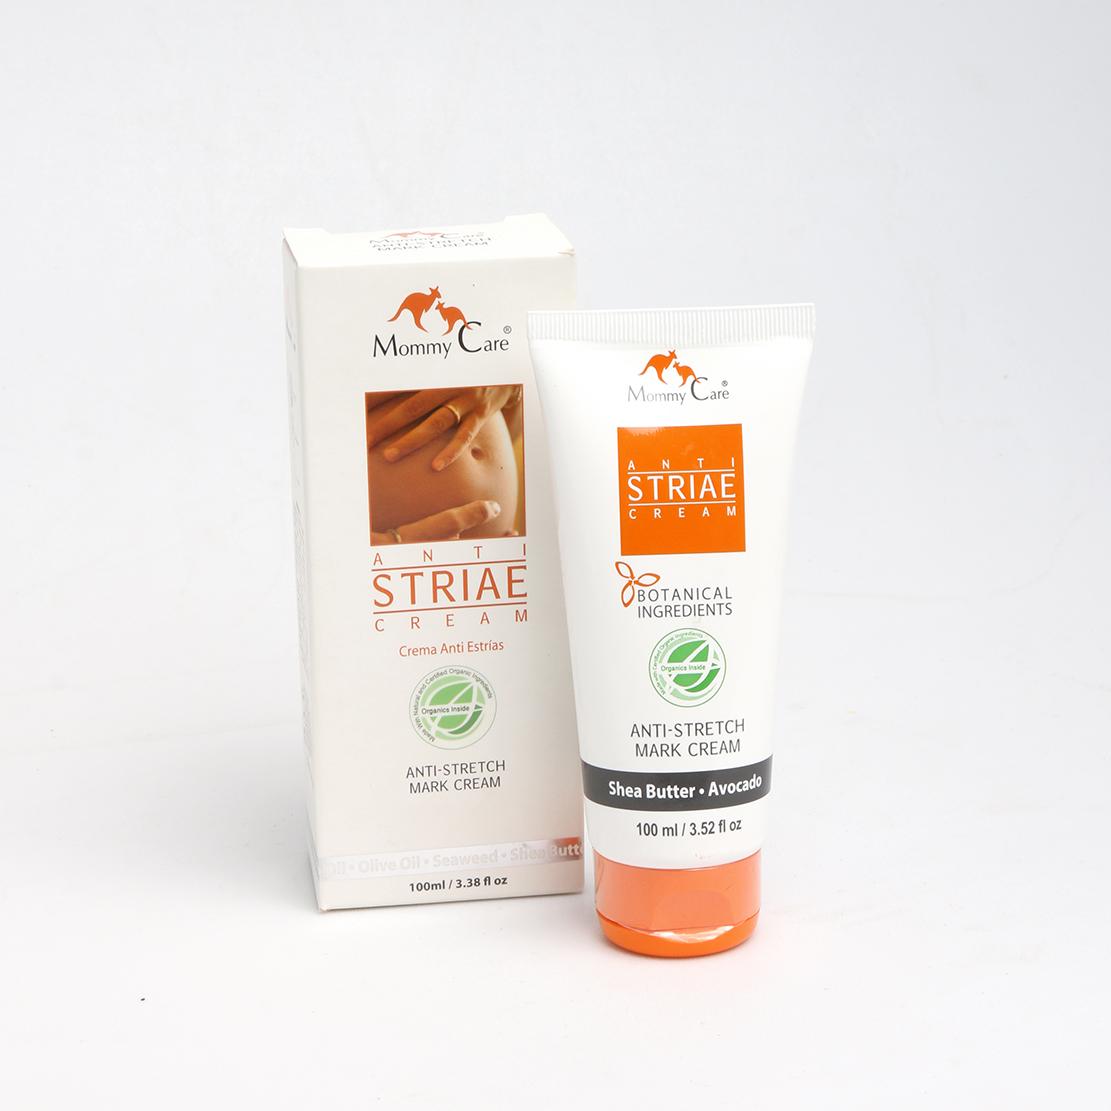 Kem chống rạn da tự nhiên hữu cơ cho mẹ bầu Mommycare Anti Striae-Stretch Mark Prevention Lotion 100ml